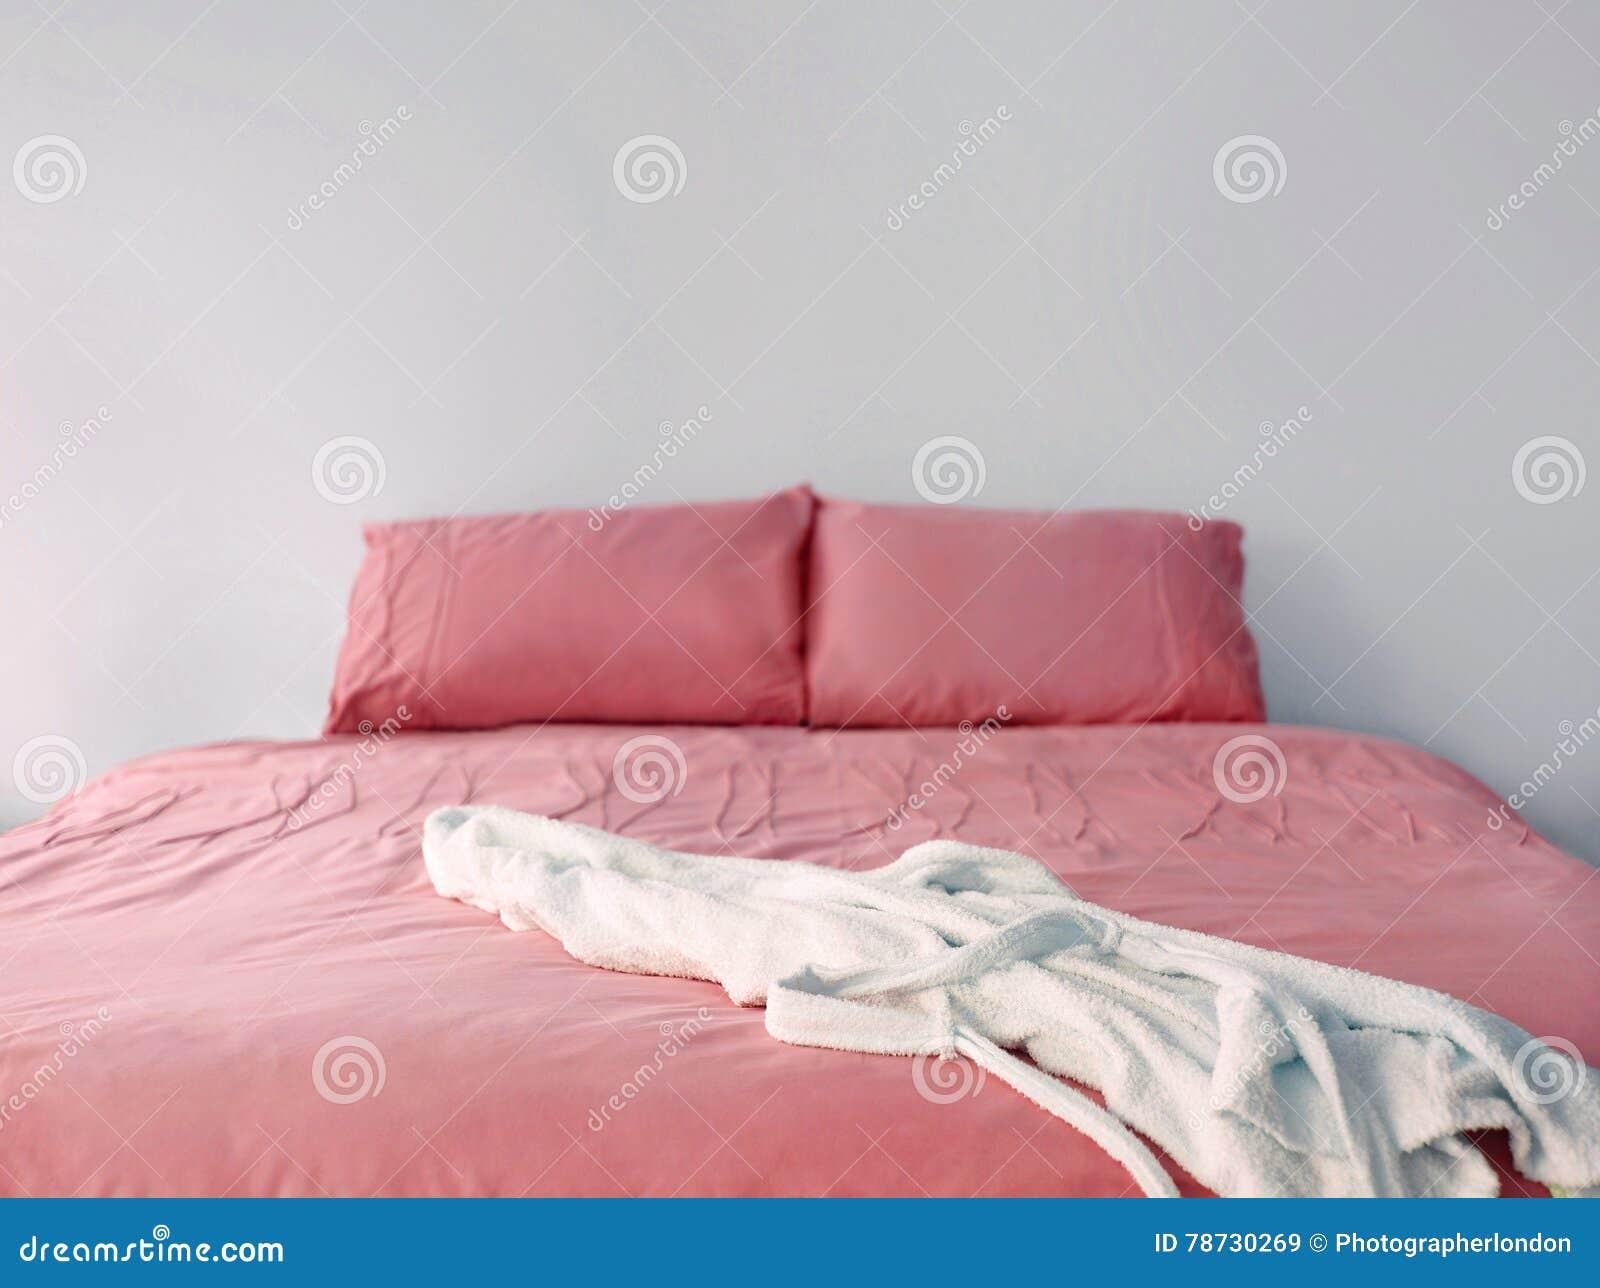 Rosa sängkläder på dubbelsäng